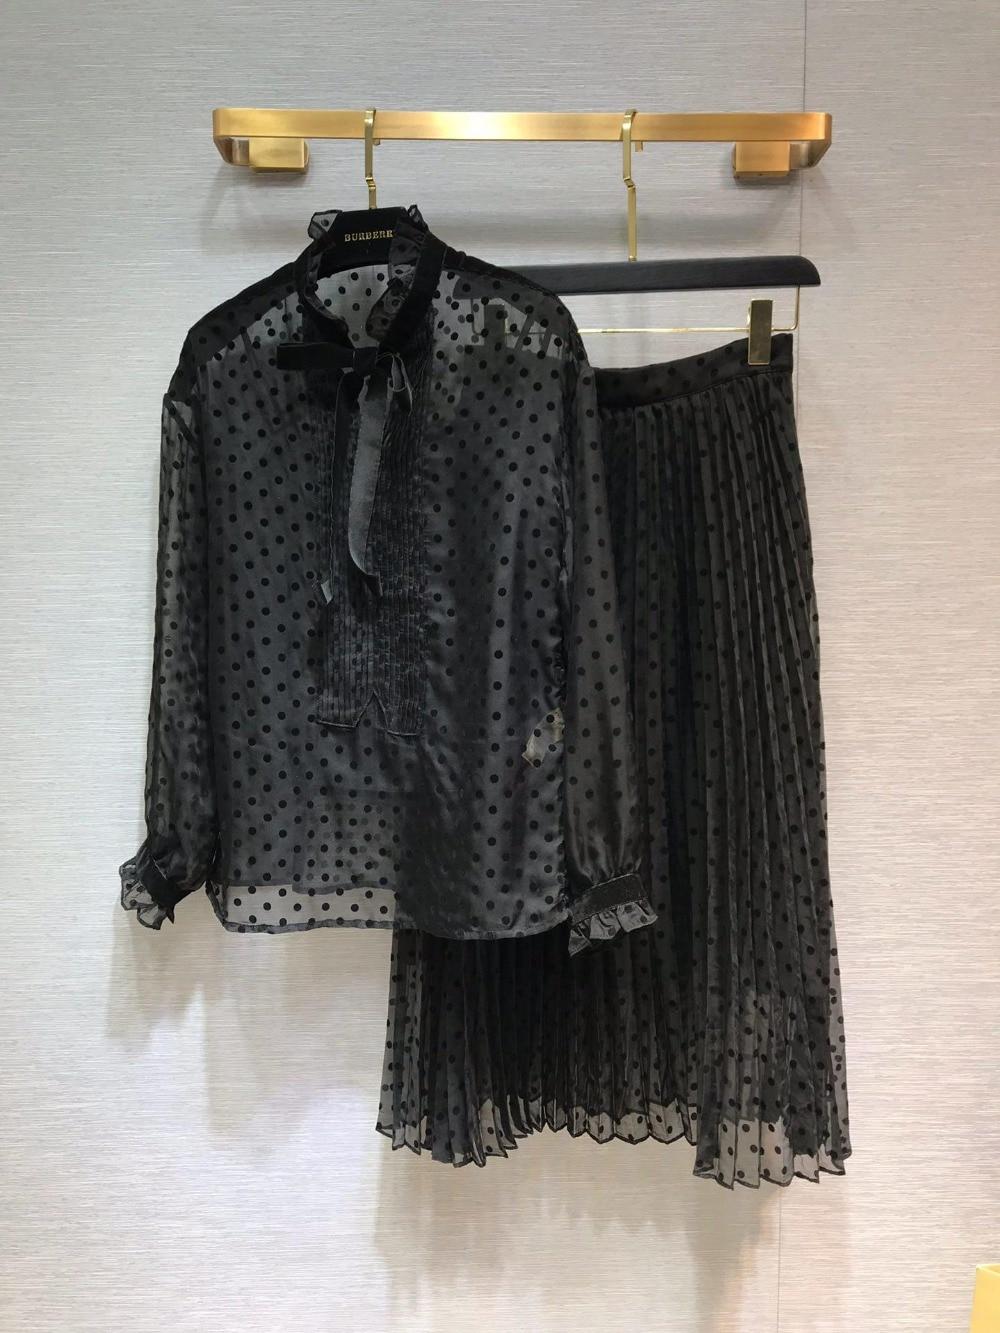 Printemps Début Blouse Illusion Femmes Manches Solide Noir Pleine 2019 0308 Puff Robe Au Définit Du Shirts Couleur gnxwqRHU